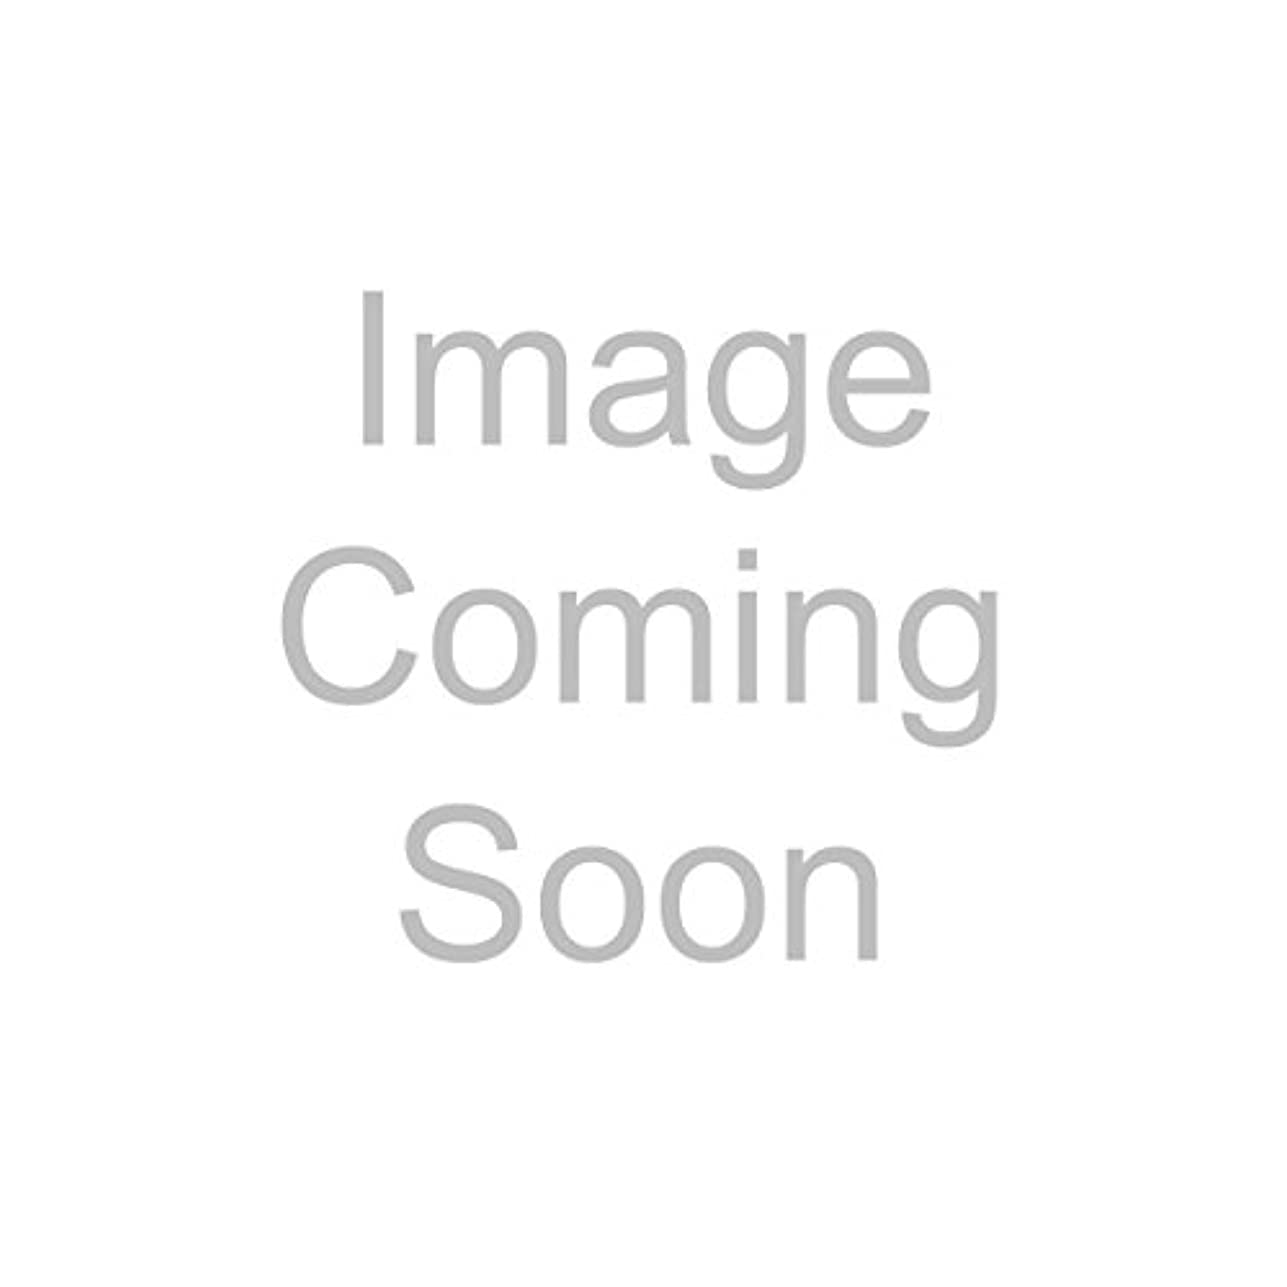 ペンフレンドセットアップ和らげるRMK アールエムケー クリーミィ ポリッシュト ベース N #01 アイボリー 30g